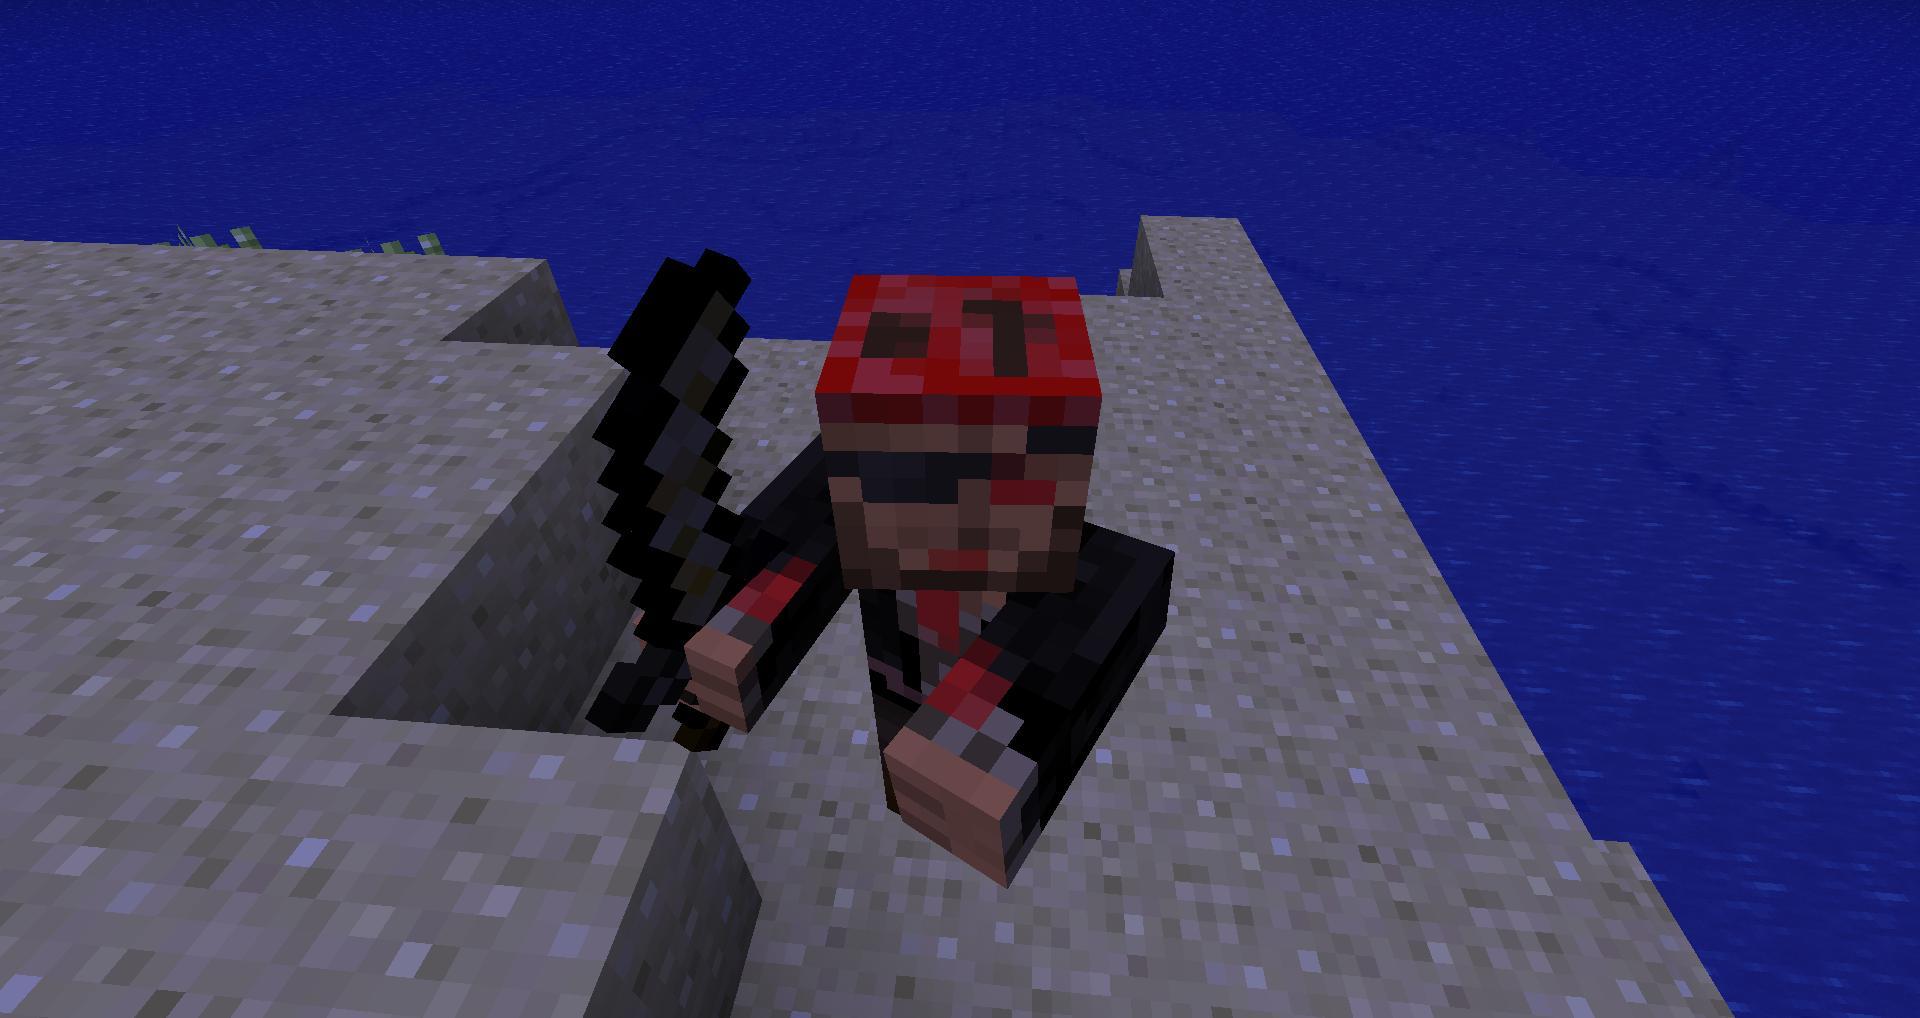 http://minecraft-forum.net/wp-content/uploads/2013/03/5116e__Ocean-Adventures-Mod-5.jpg